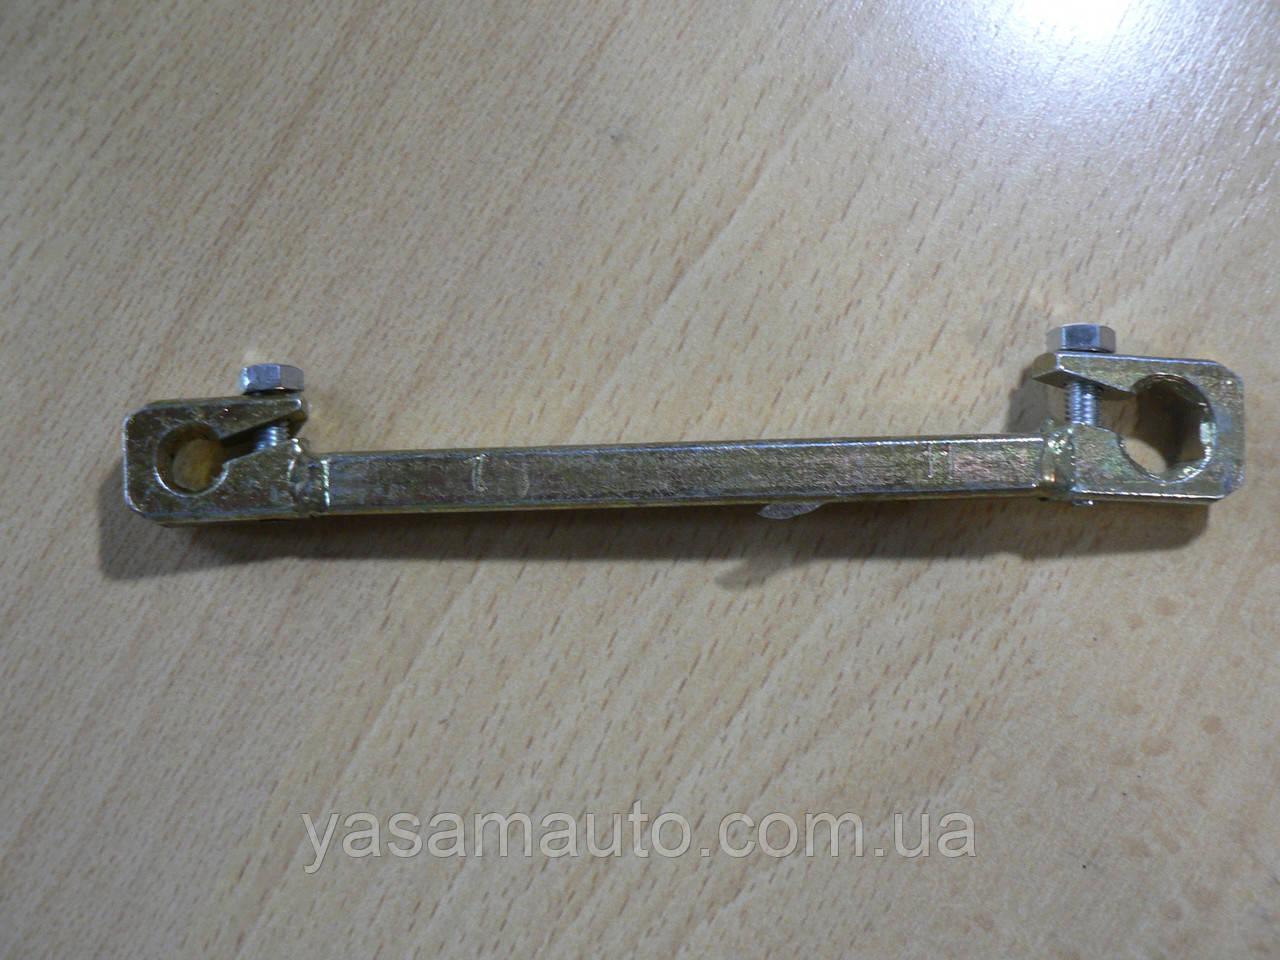 Ключ прокачки тормозов 7х11 зажимной толщина 8мм Украина КООП